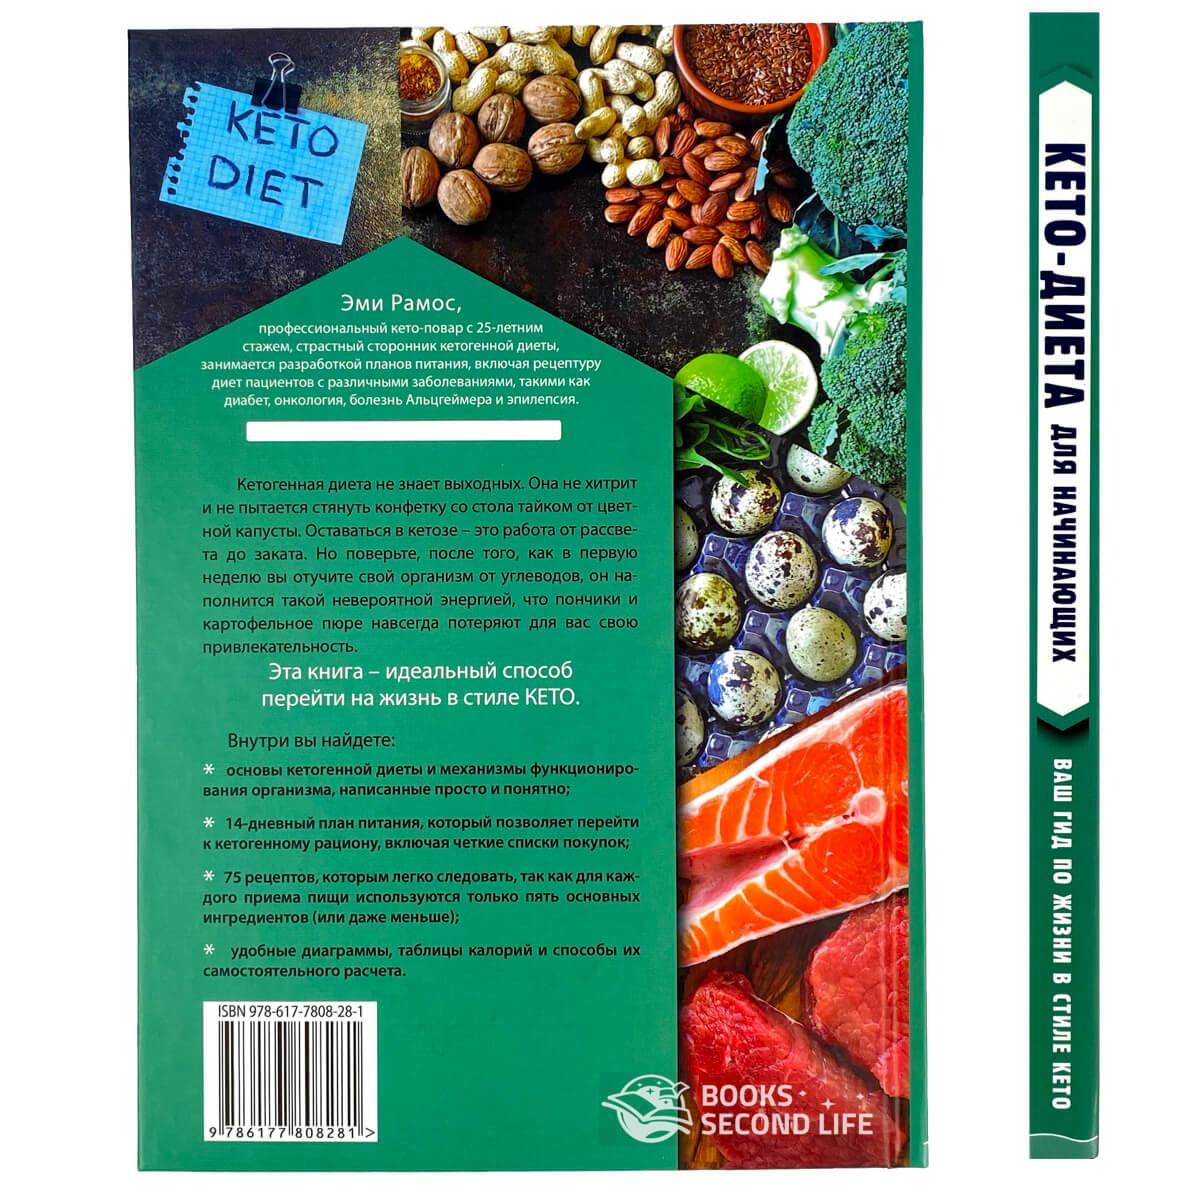 Кето-диета для начинающих. Ваш гид по жизни в стиле Кето. Автор — Эми Рамос.